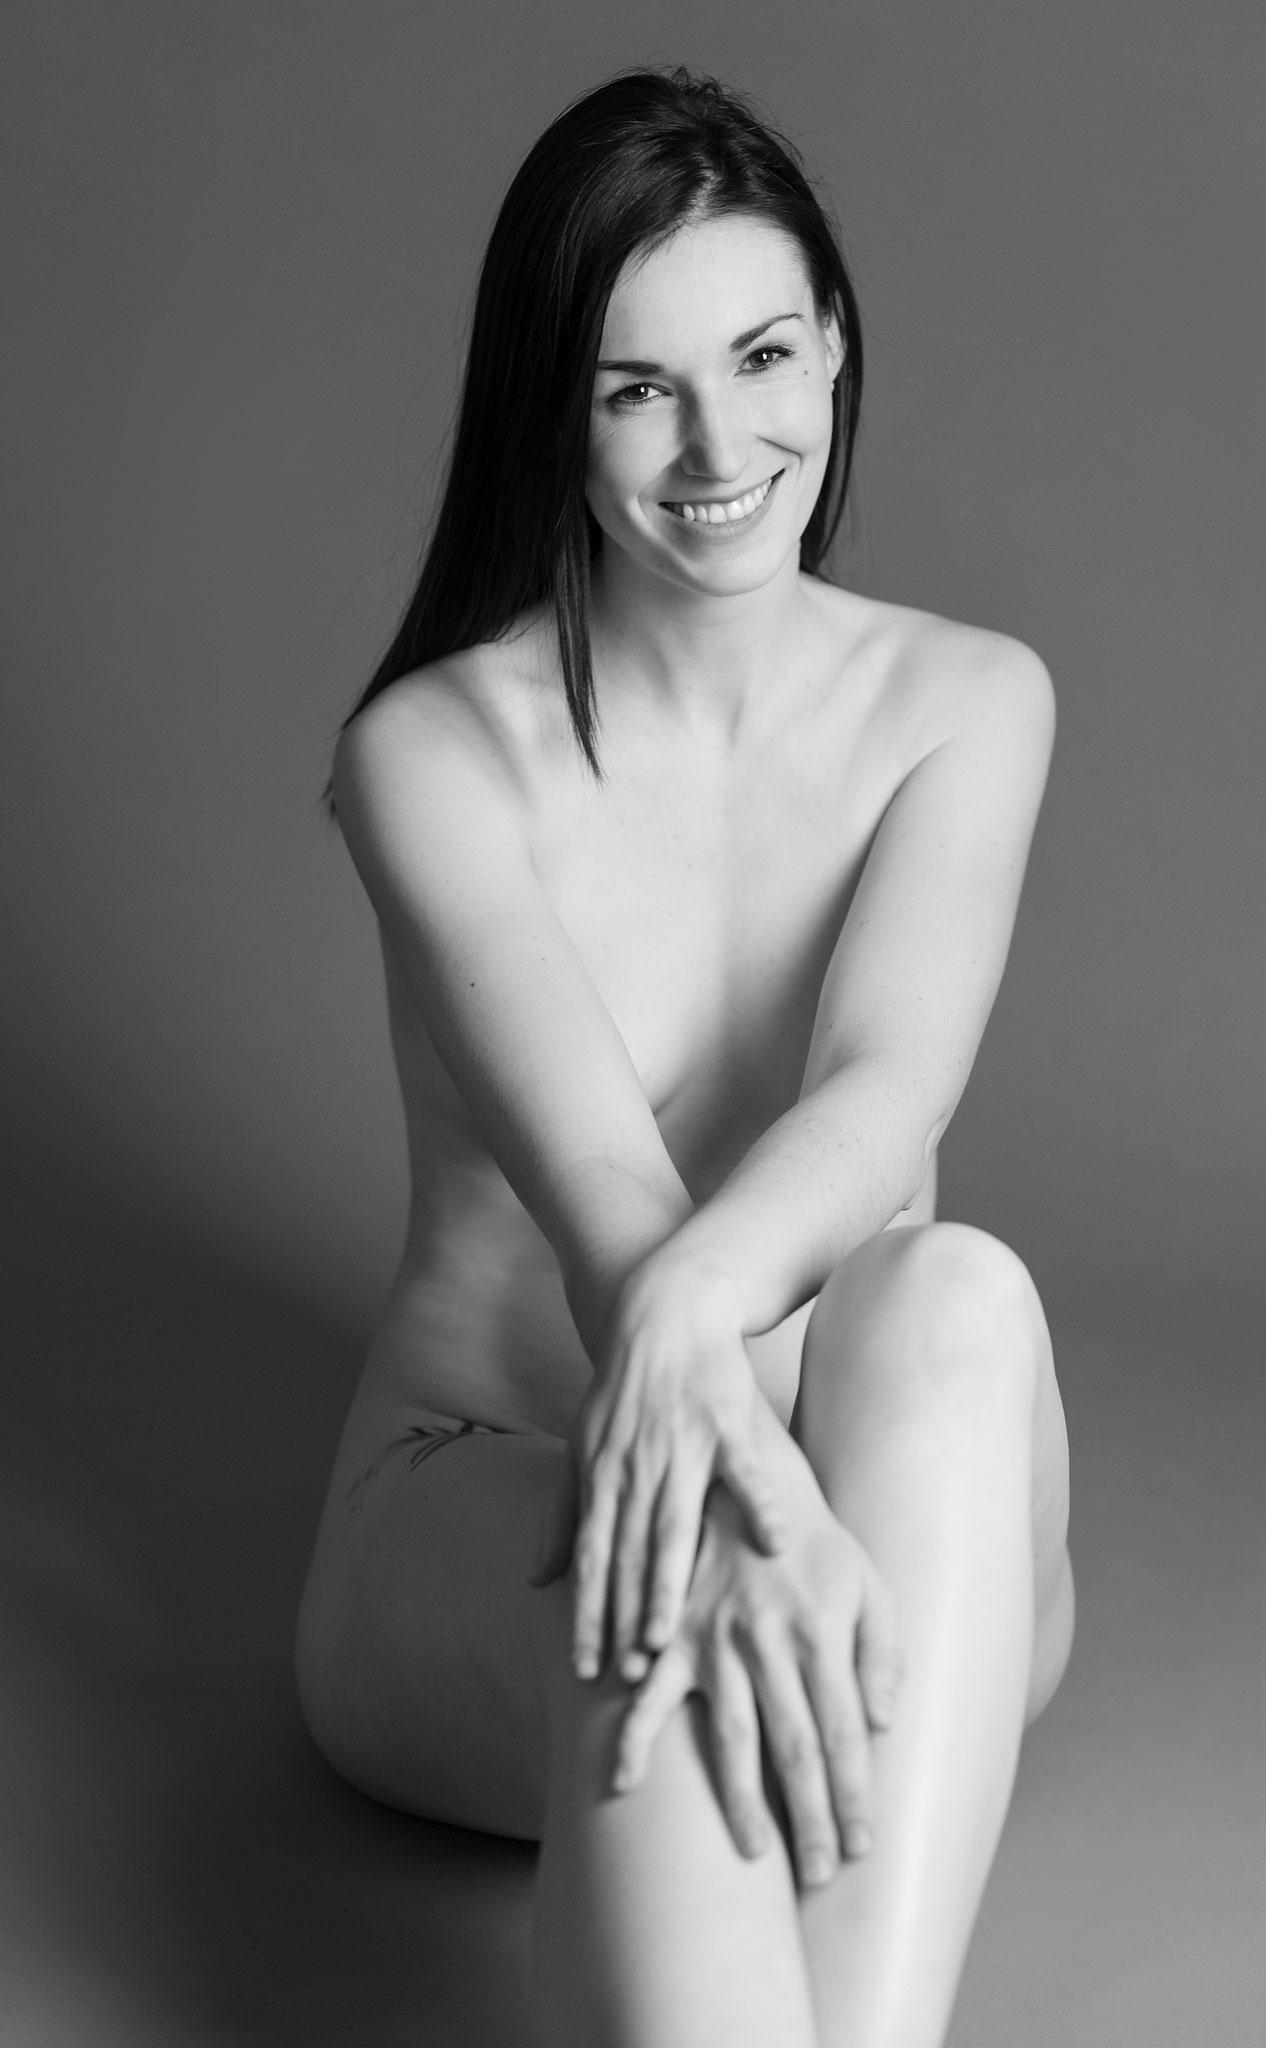 Hübsche Schönheit ganz nackt und vollkommen hüllenlos beim Aktfotografen in Erlangen - erotische Fotokunst